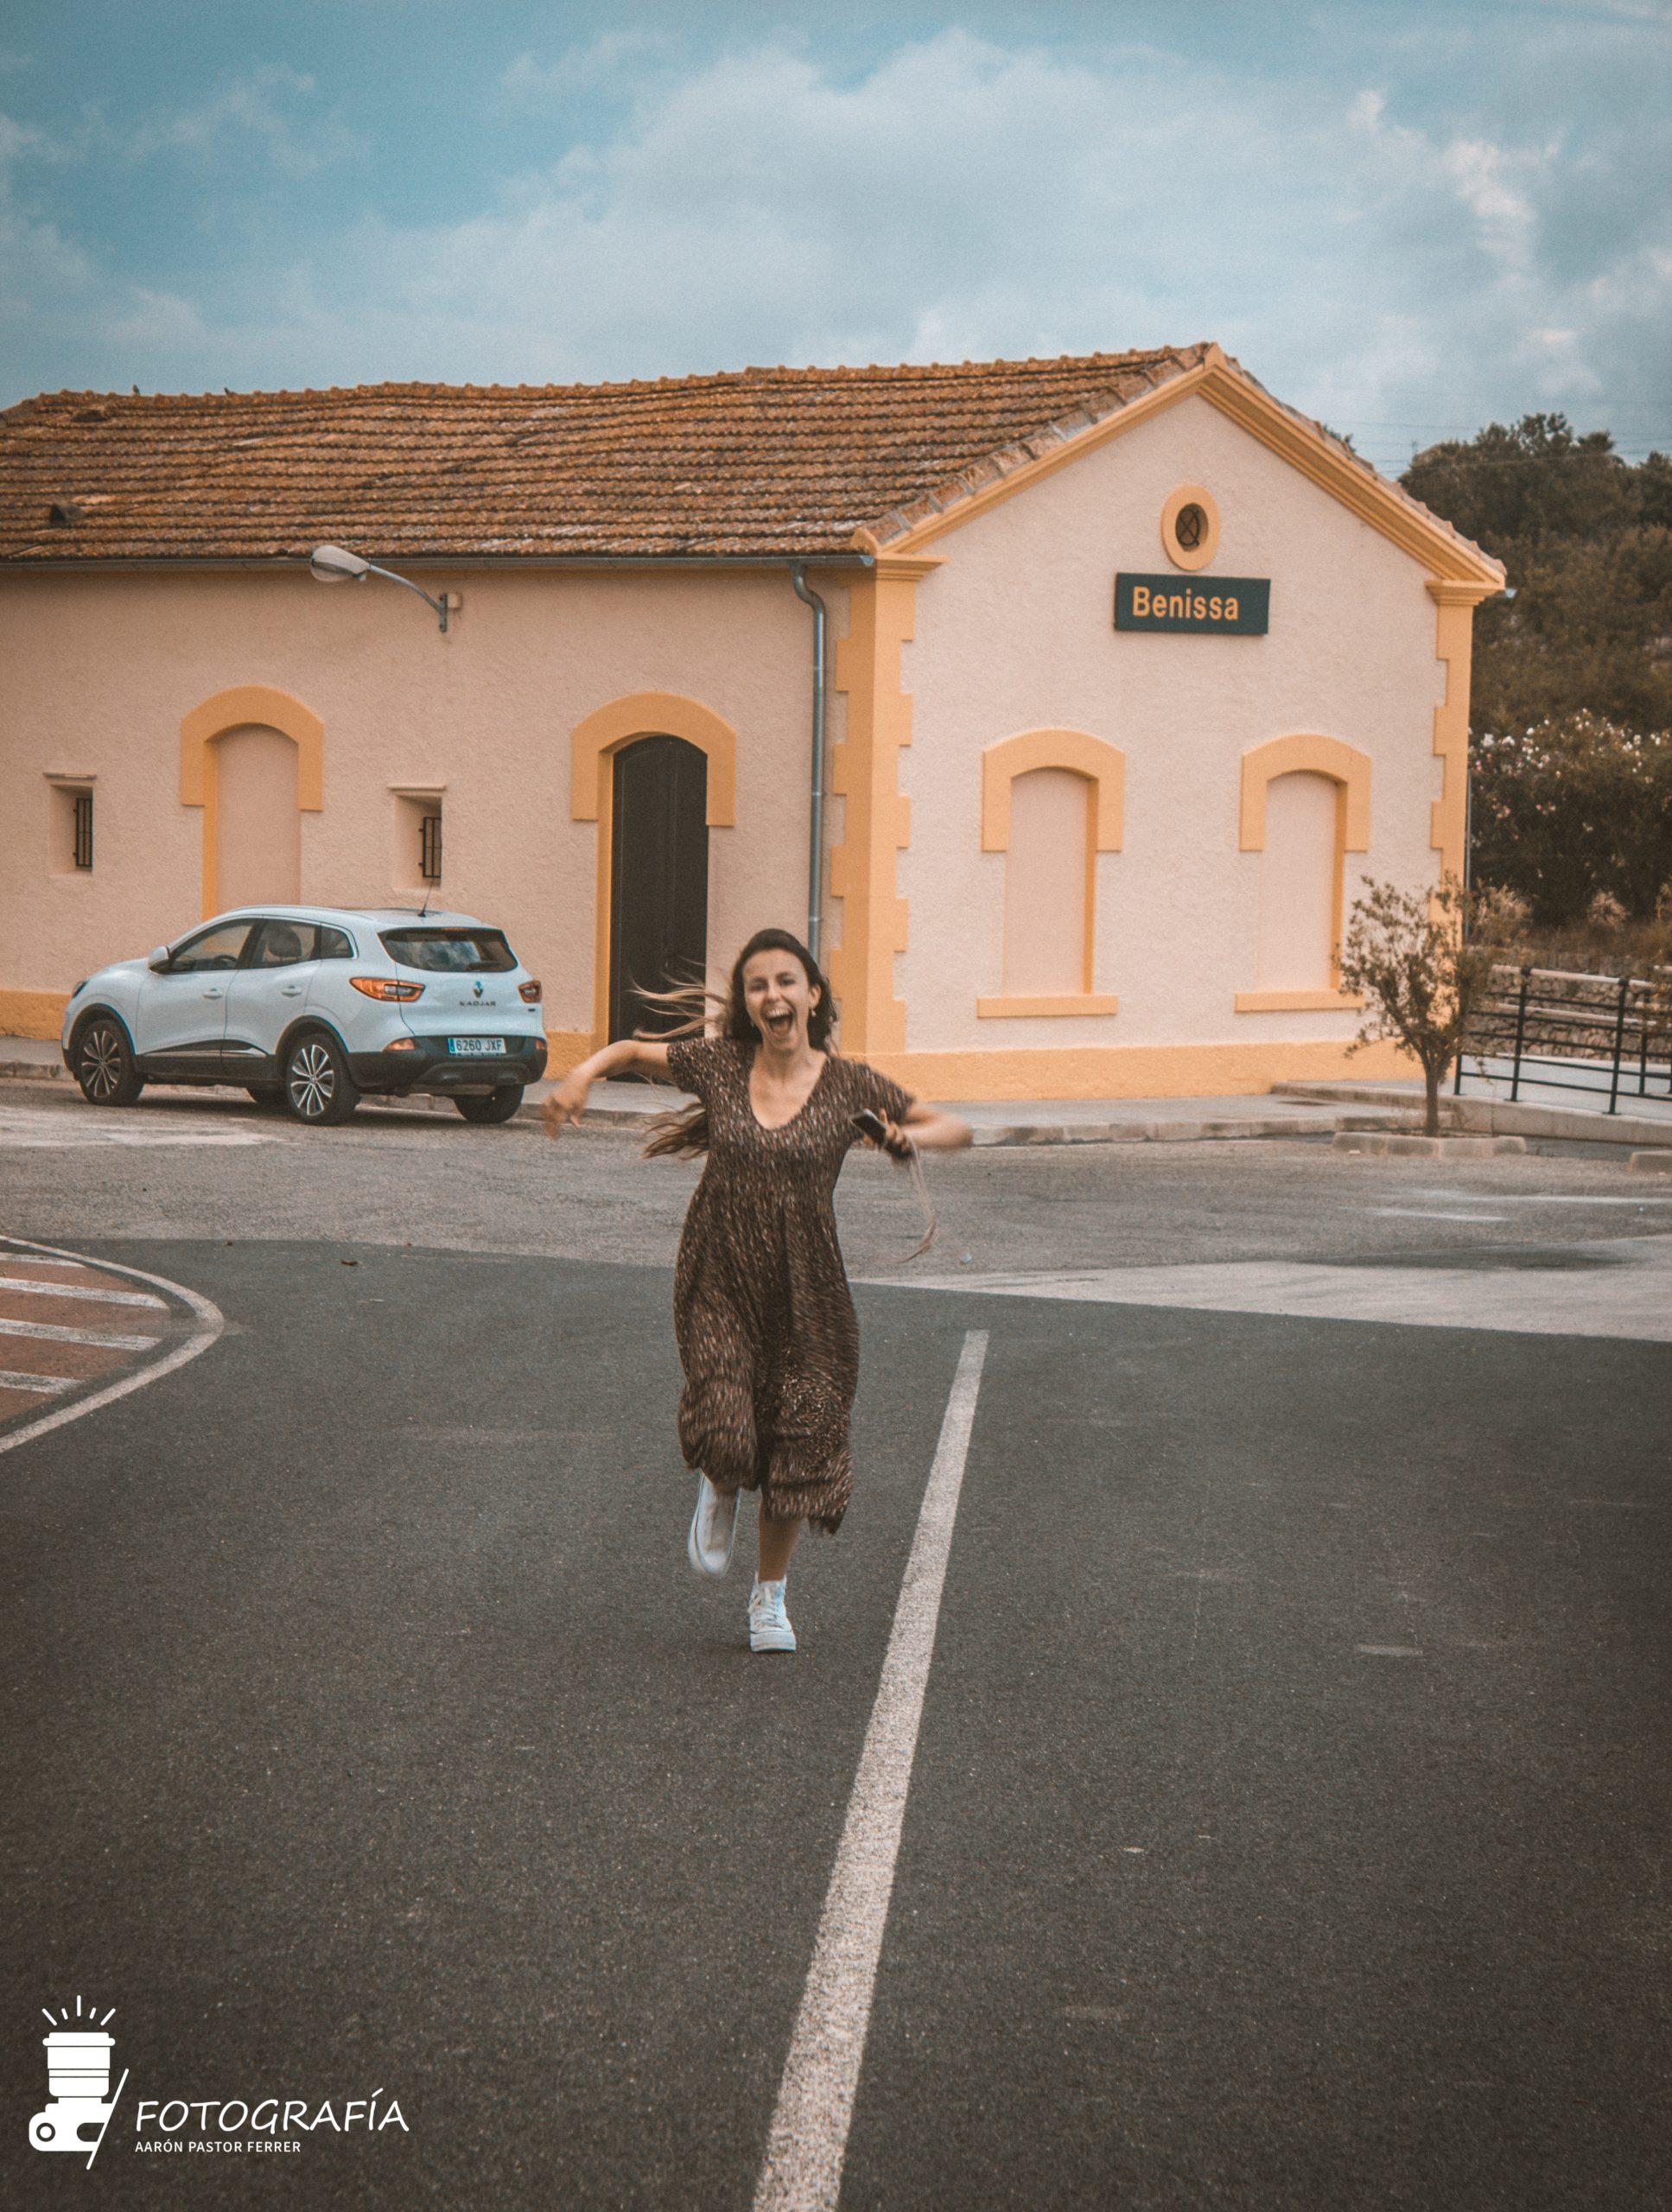 FOTO CARLA BENISSA